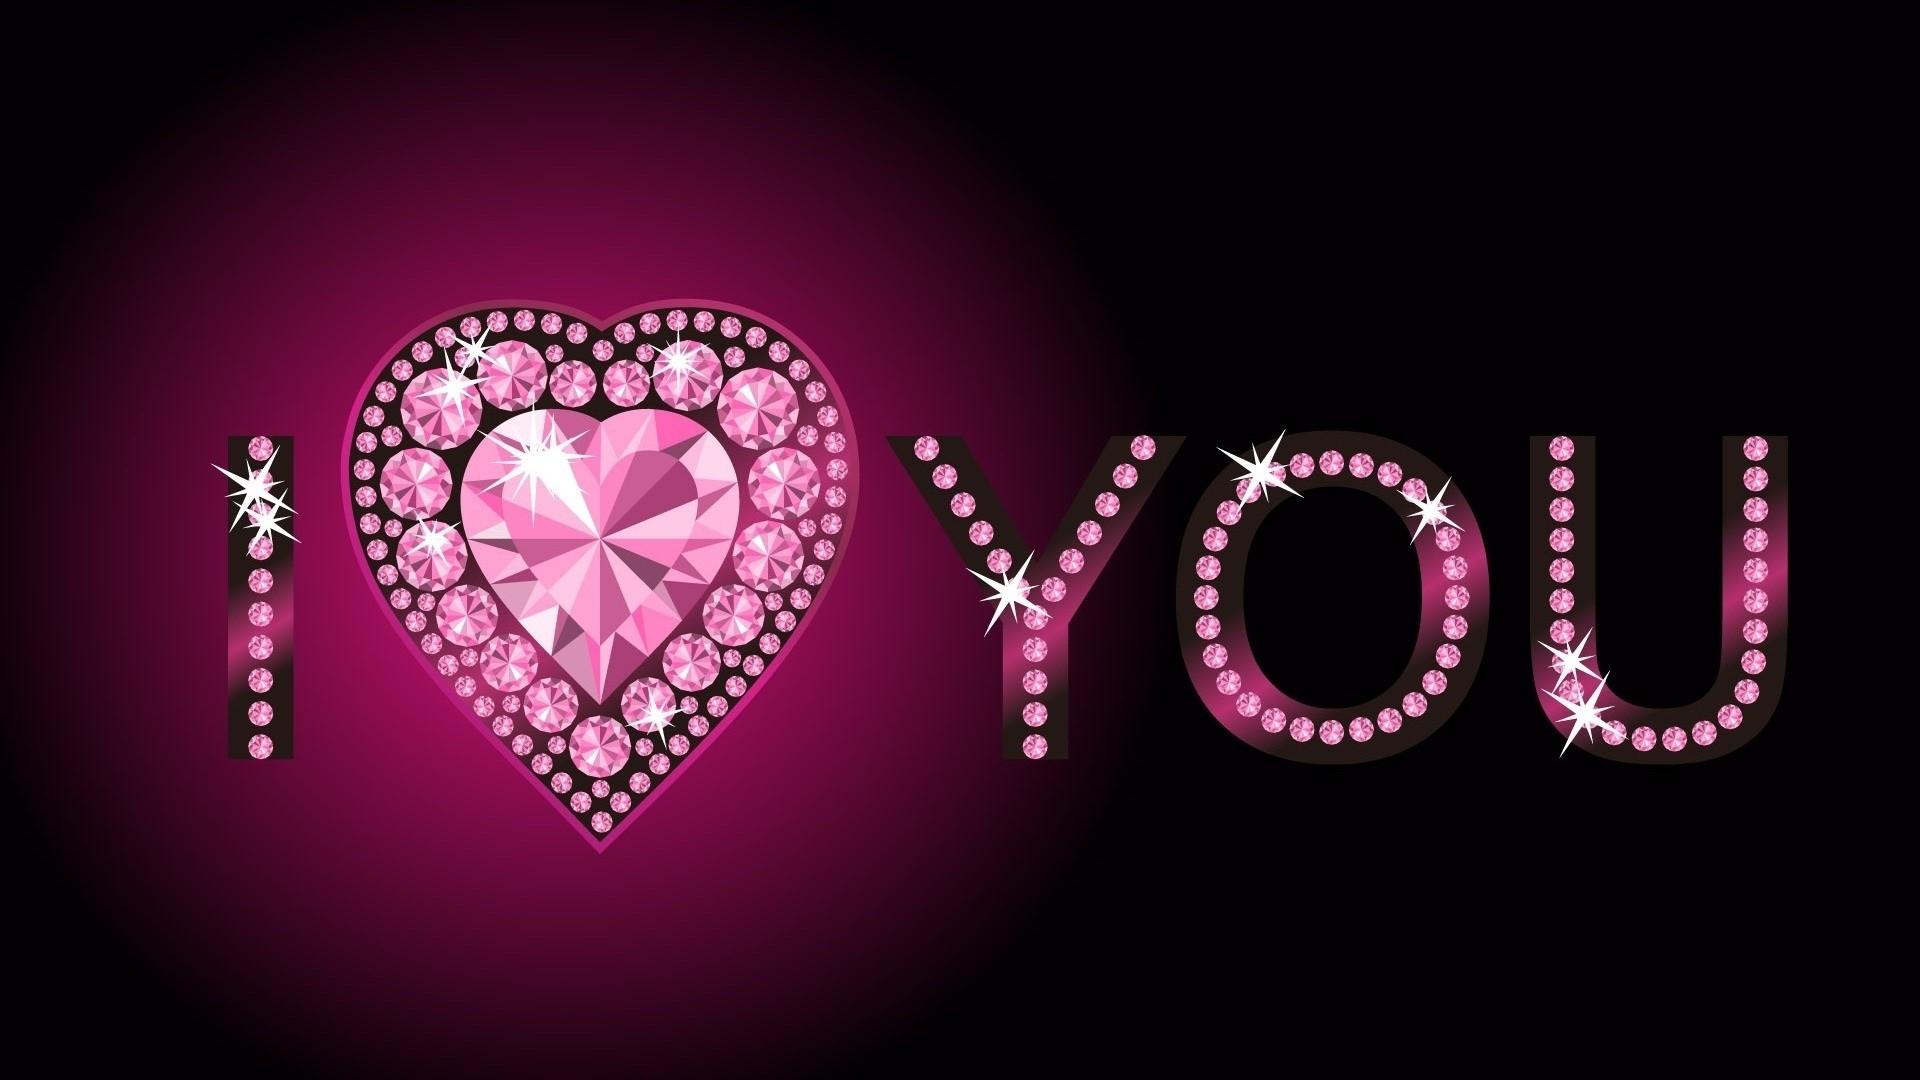 2560x1440 Wallpaper Pink Heart Love Blue Light